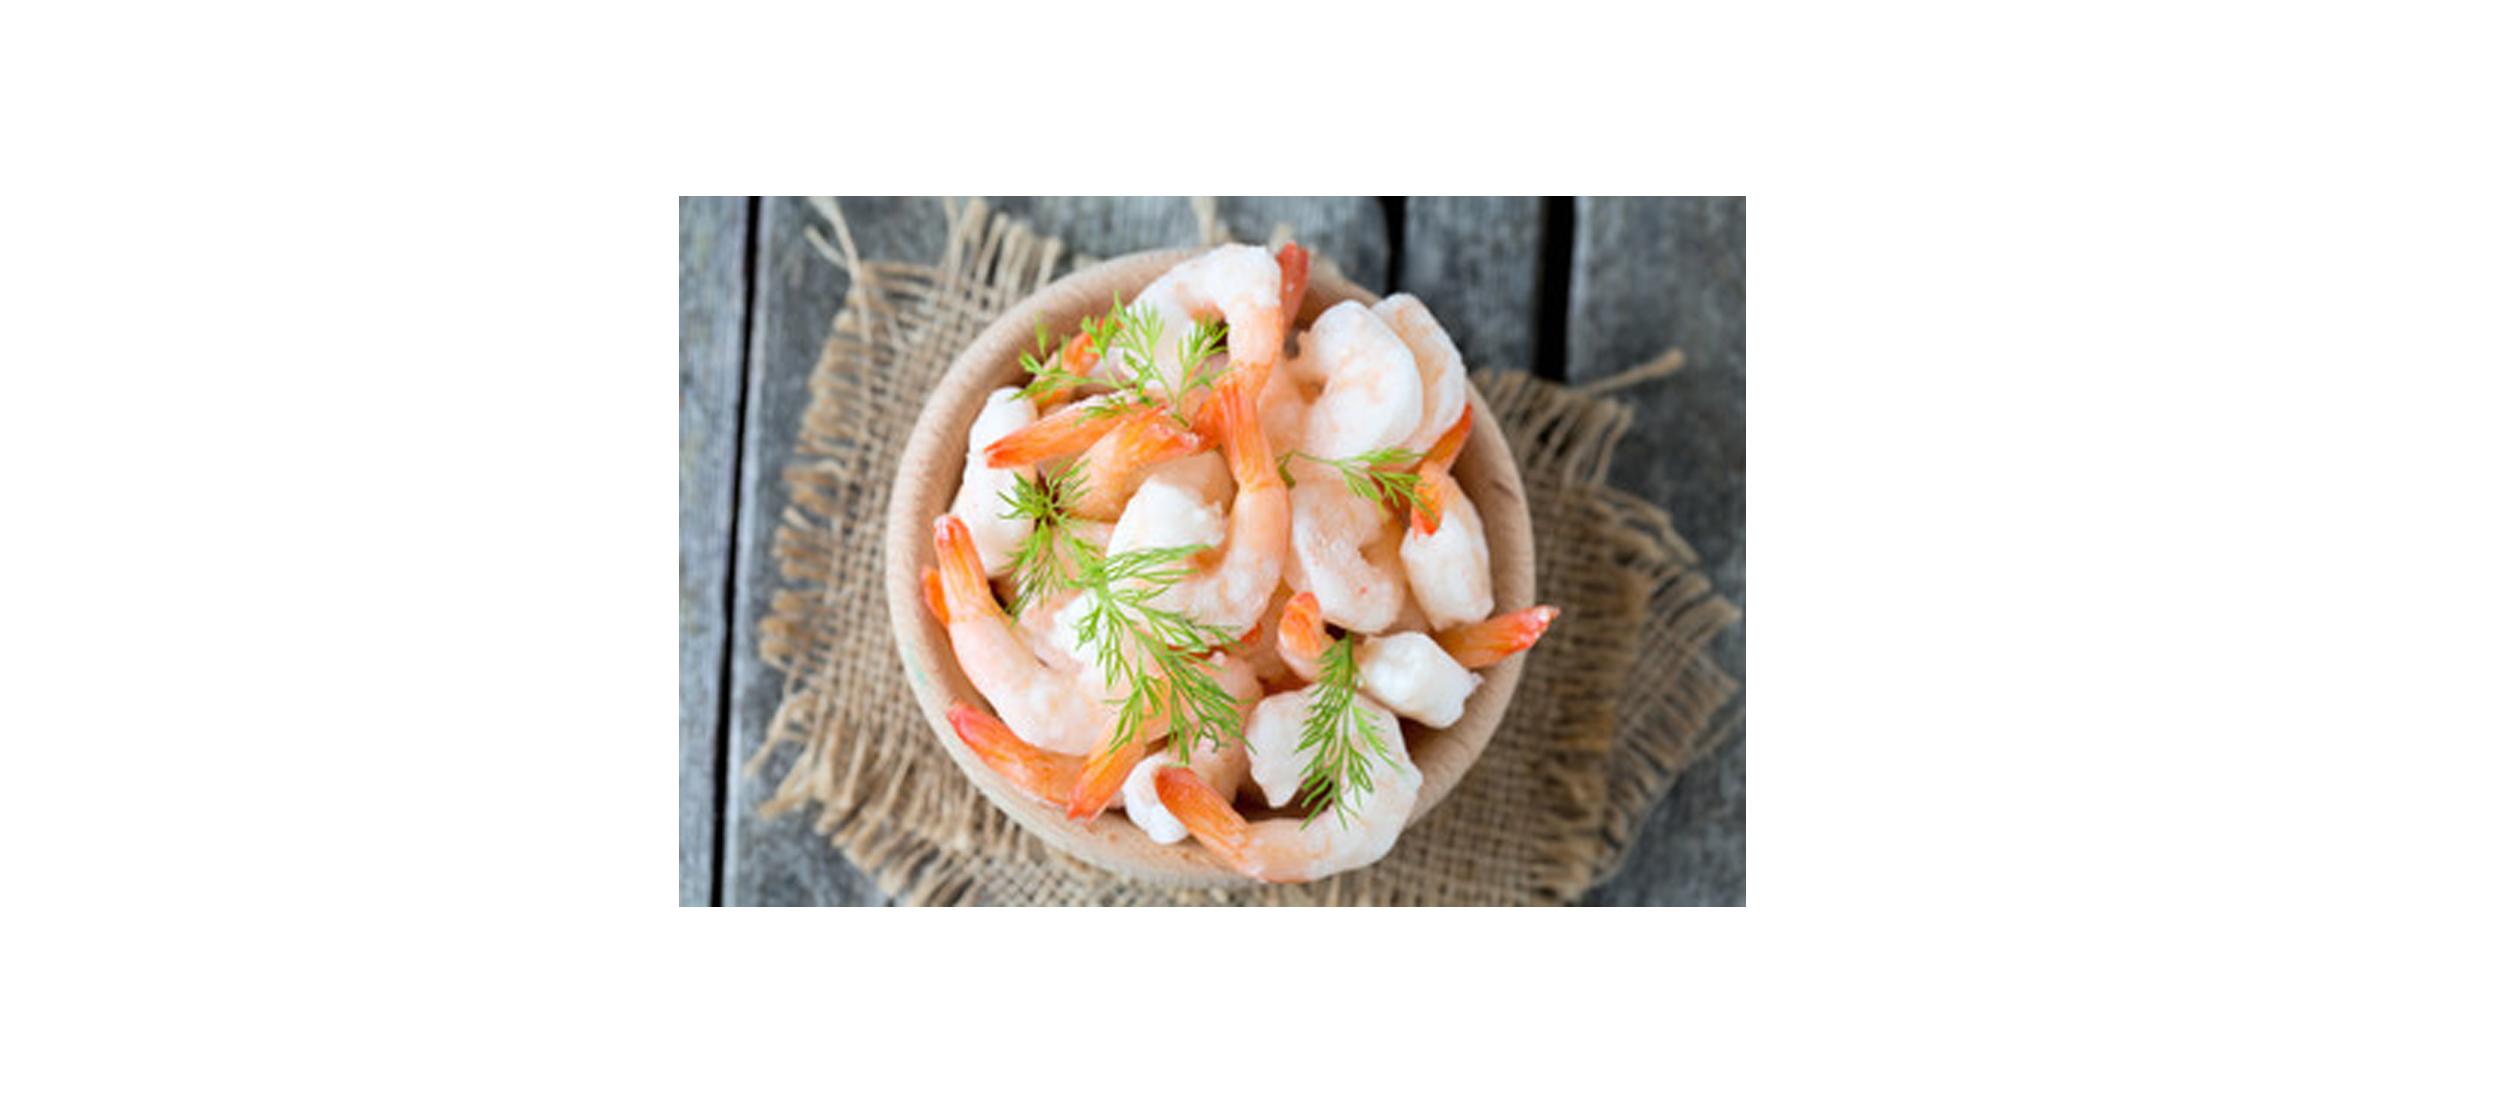 Crevette décortiquée, crue et surgelée